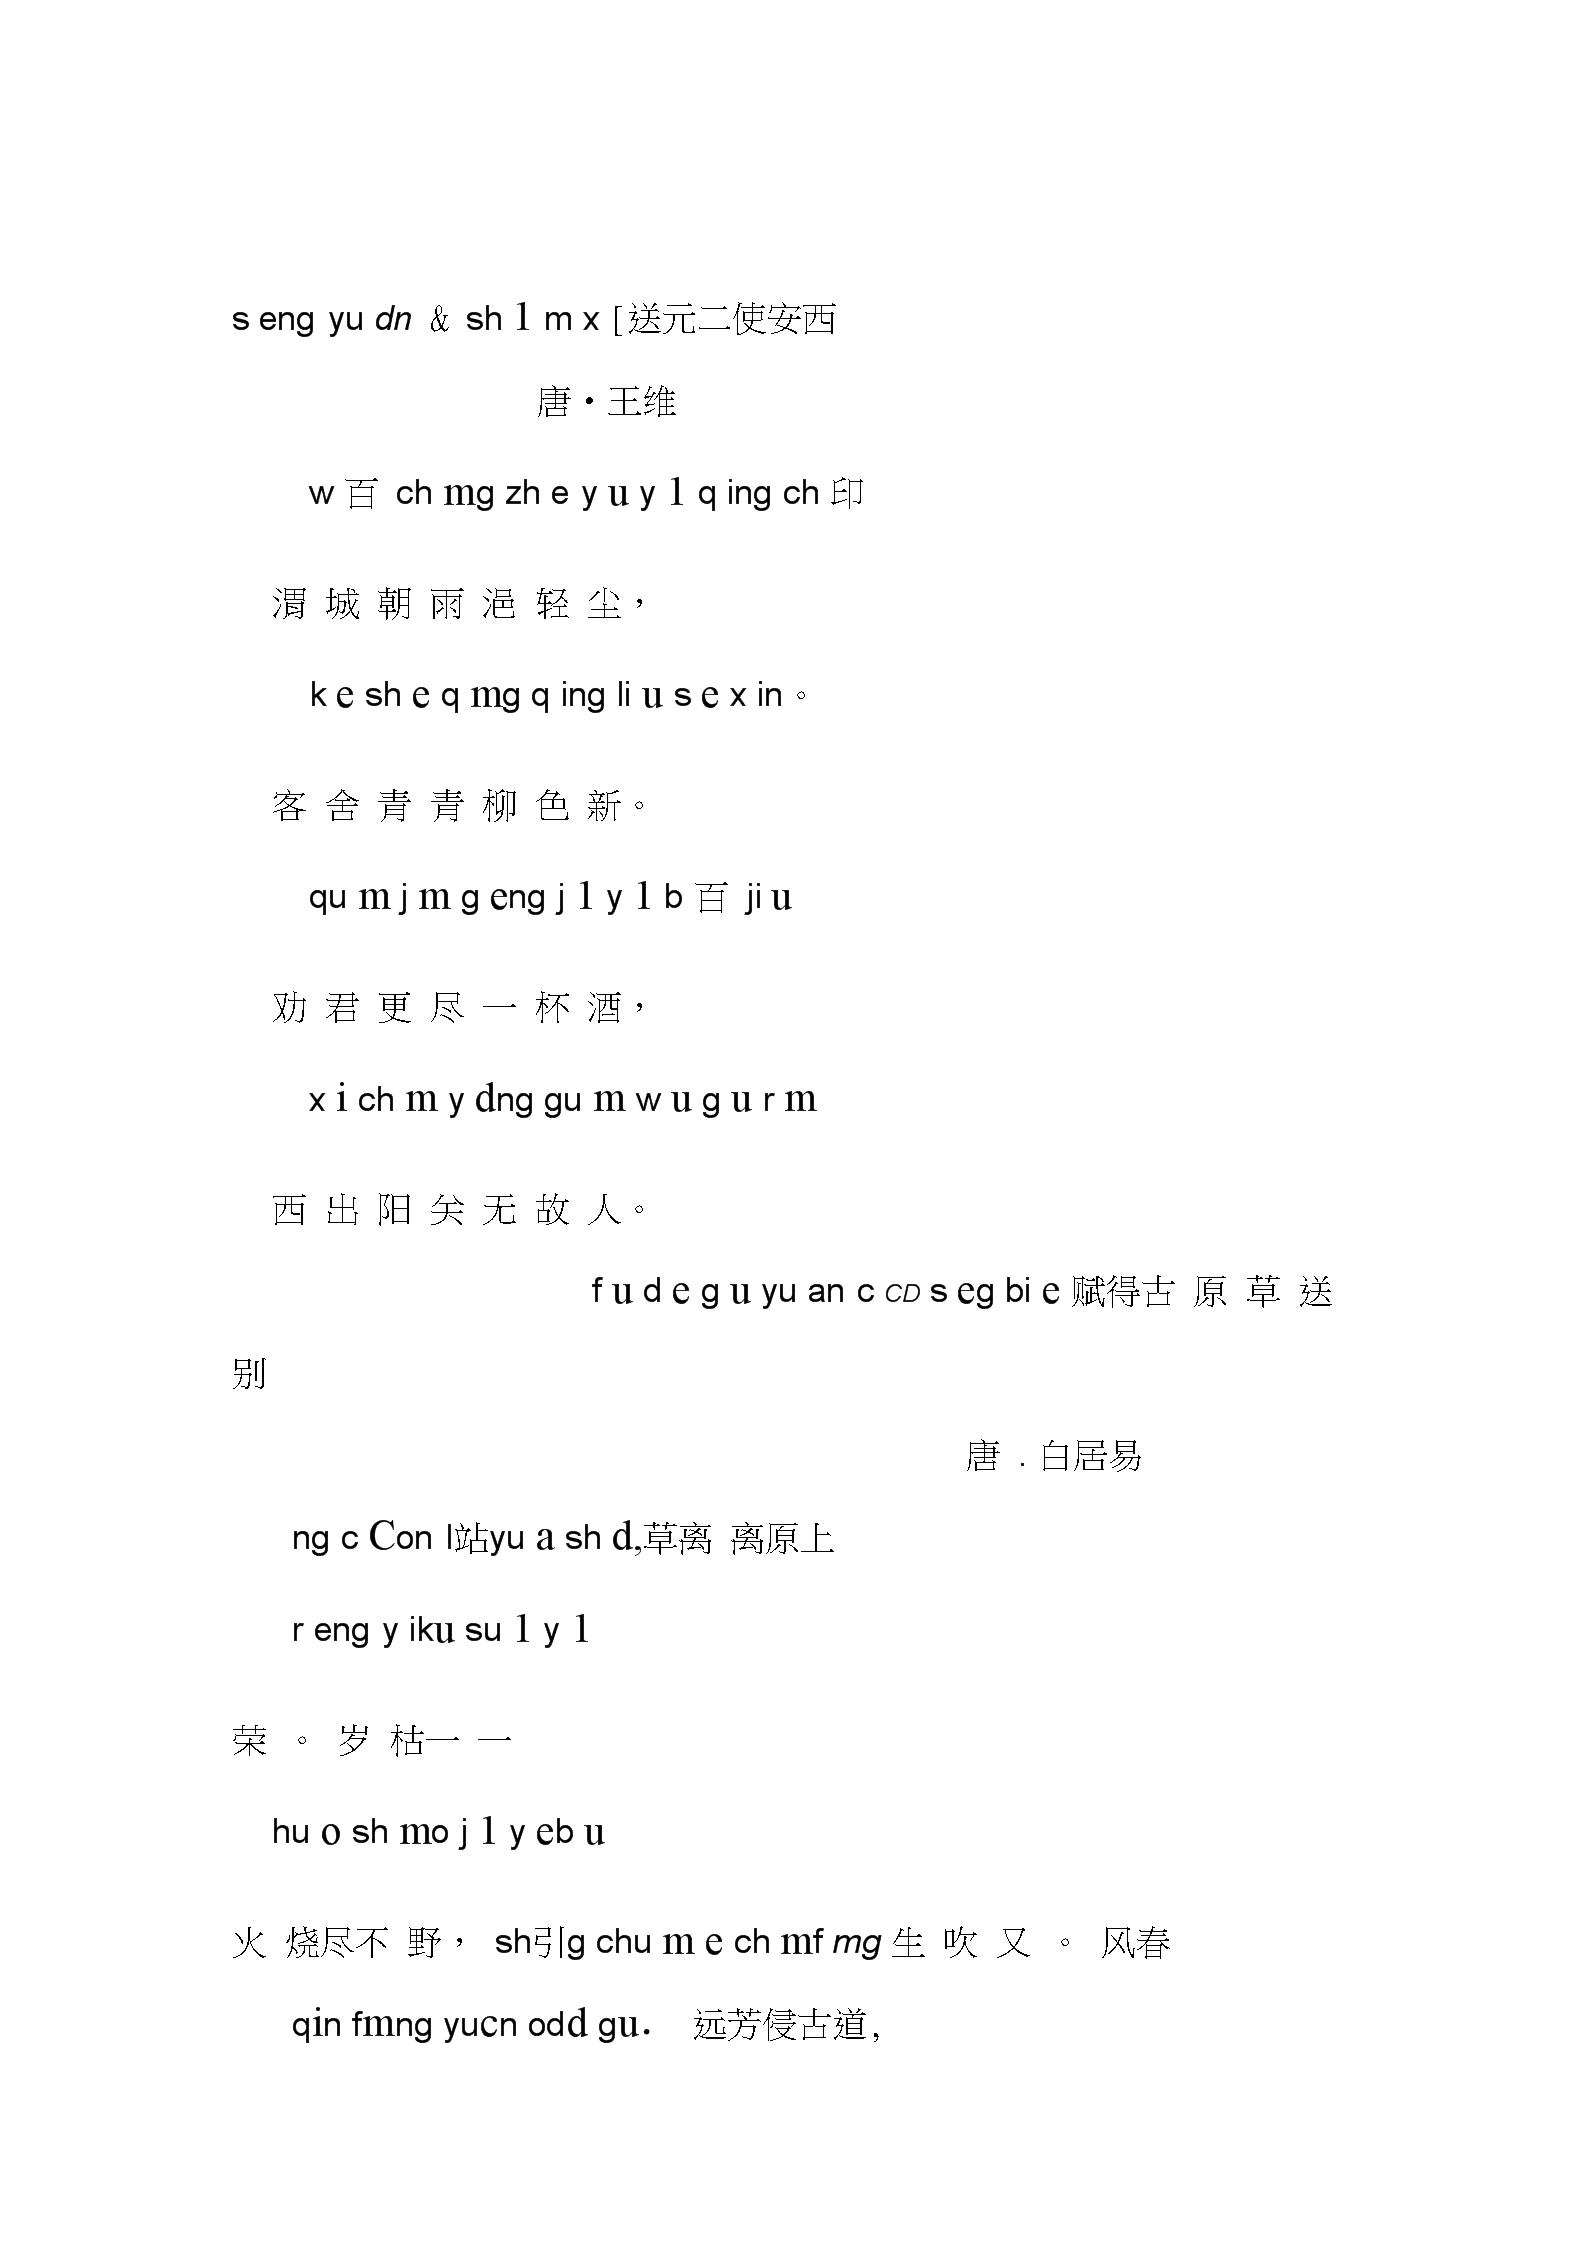 小学必背古诗词整理带拼音版.docx